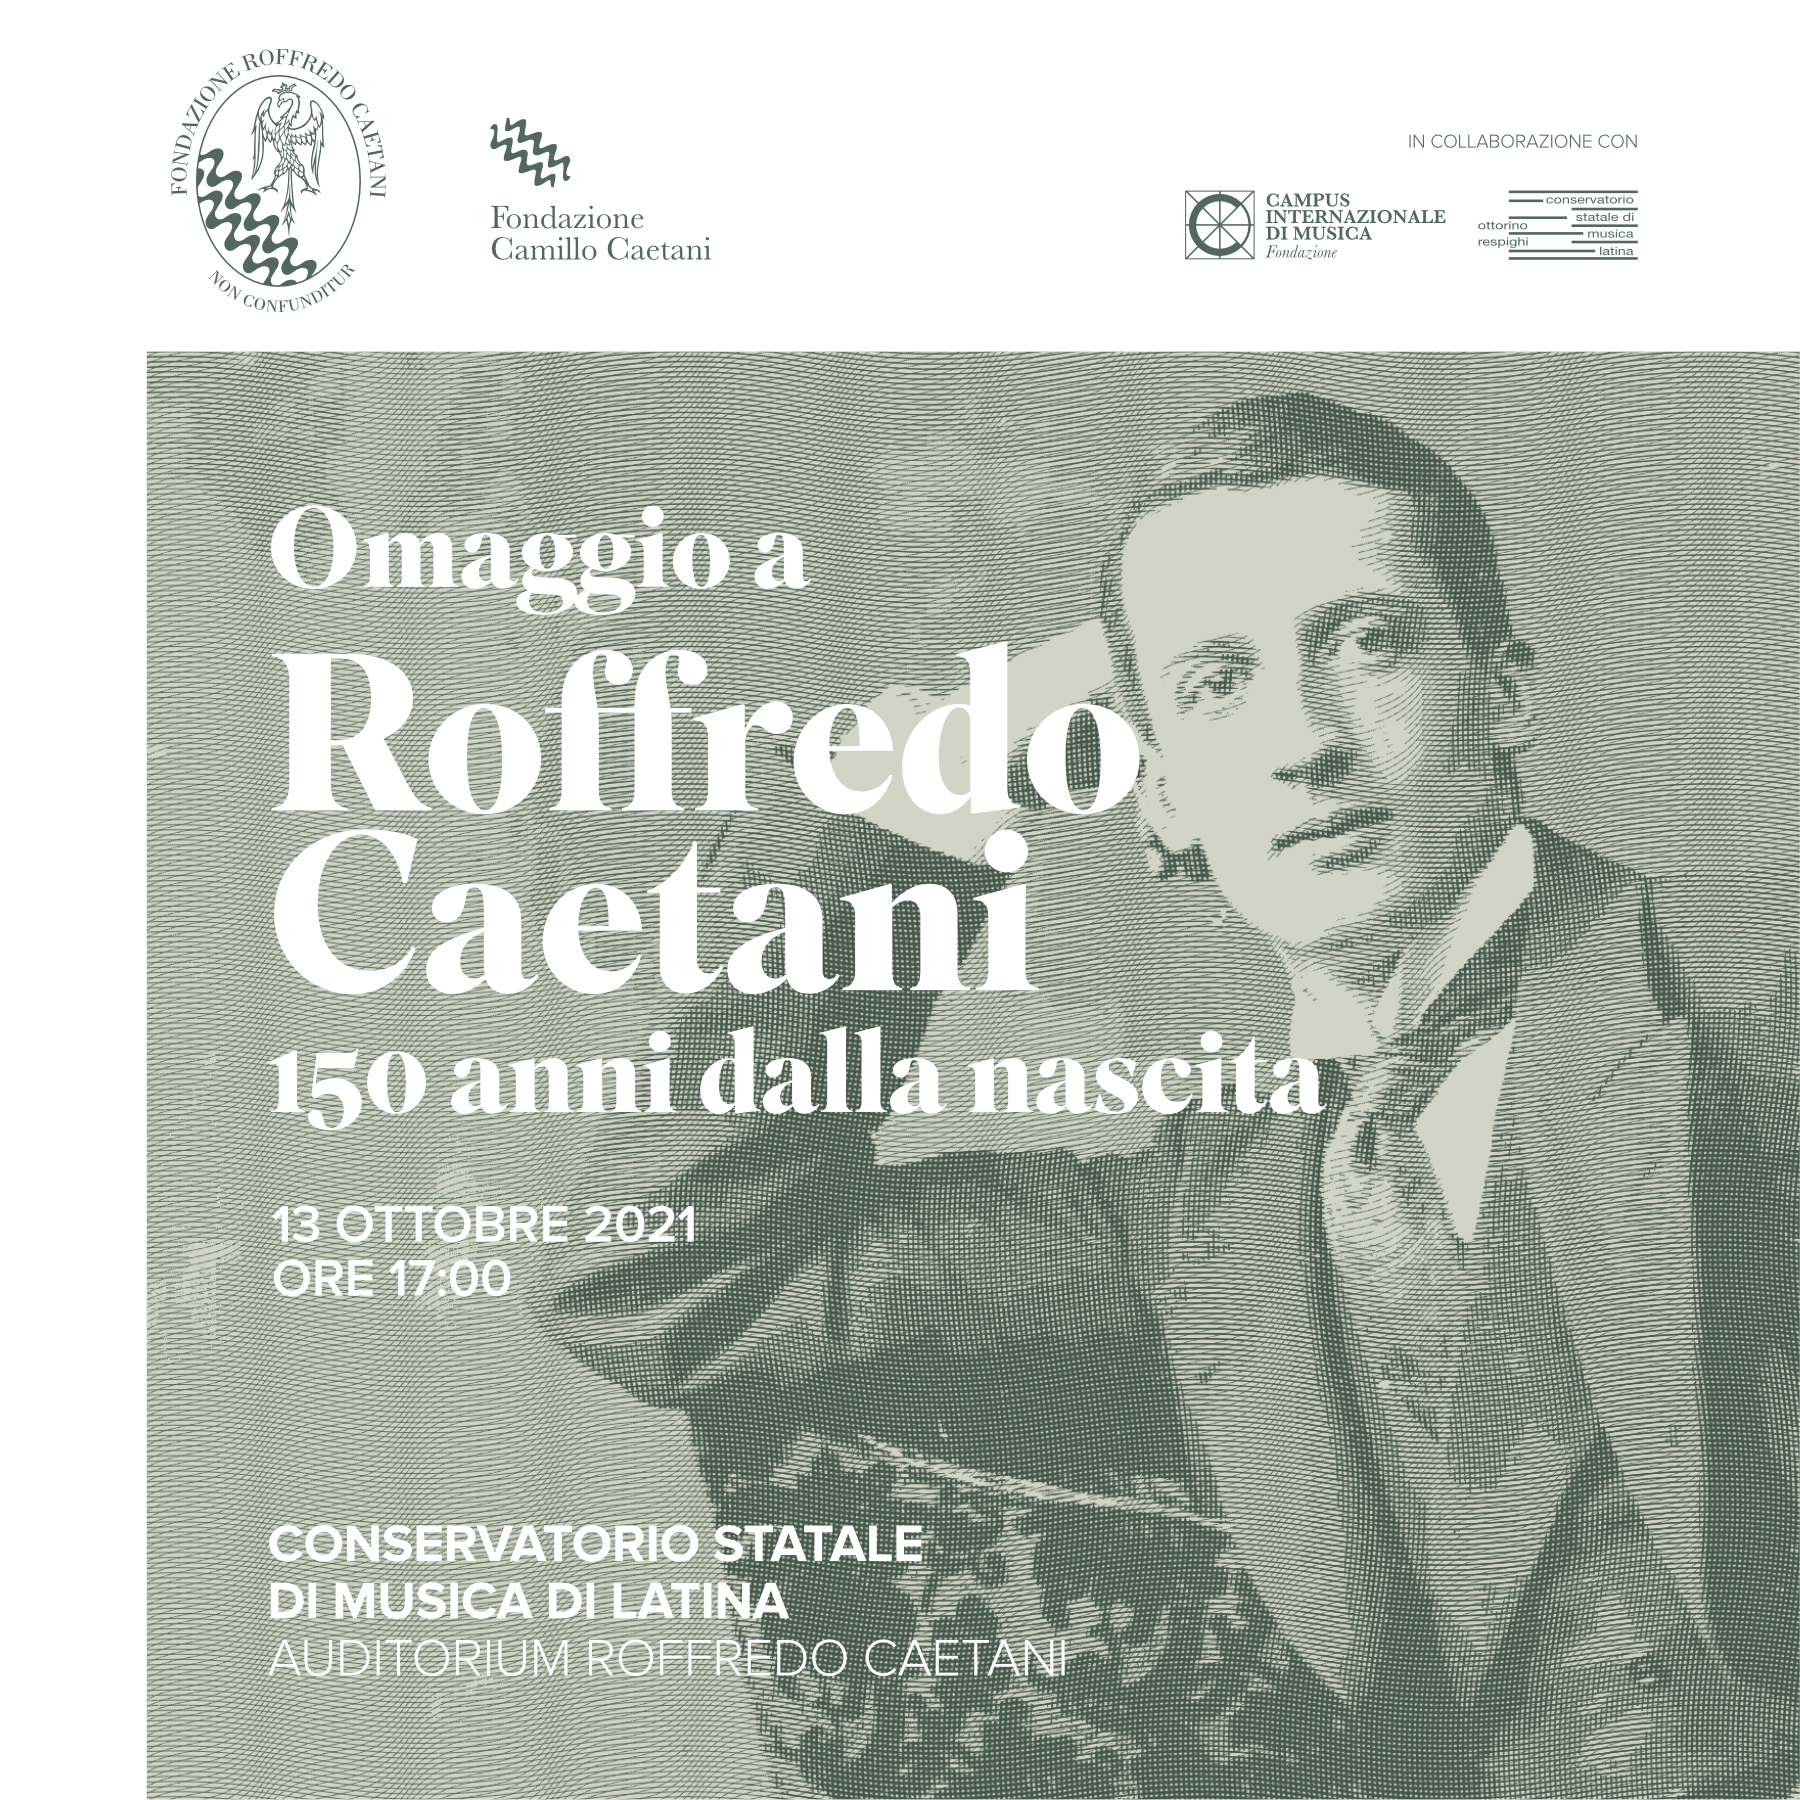 Roffredo Caetani, omaggio a 150 anni dalla nascita